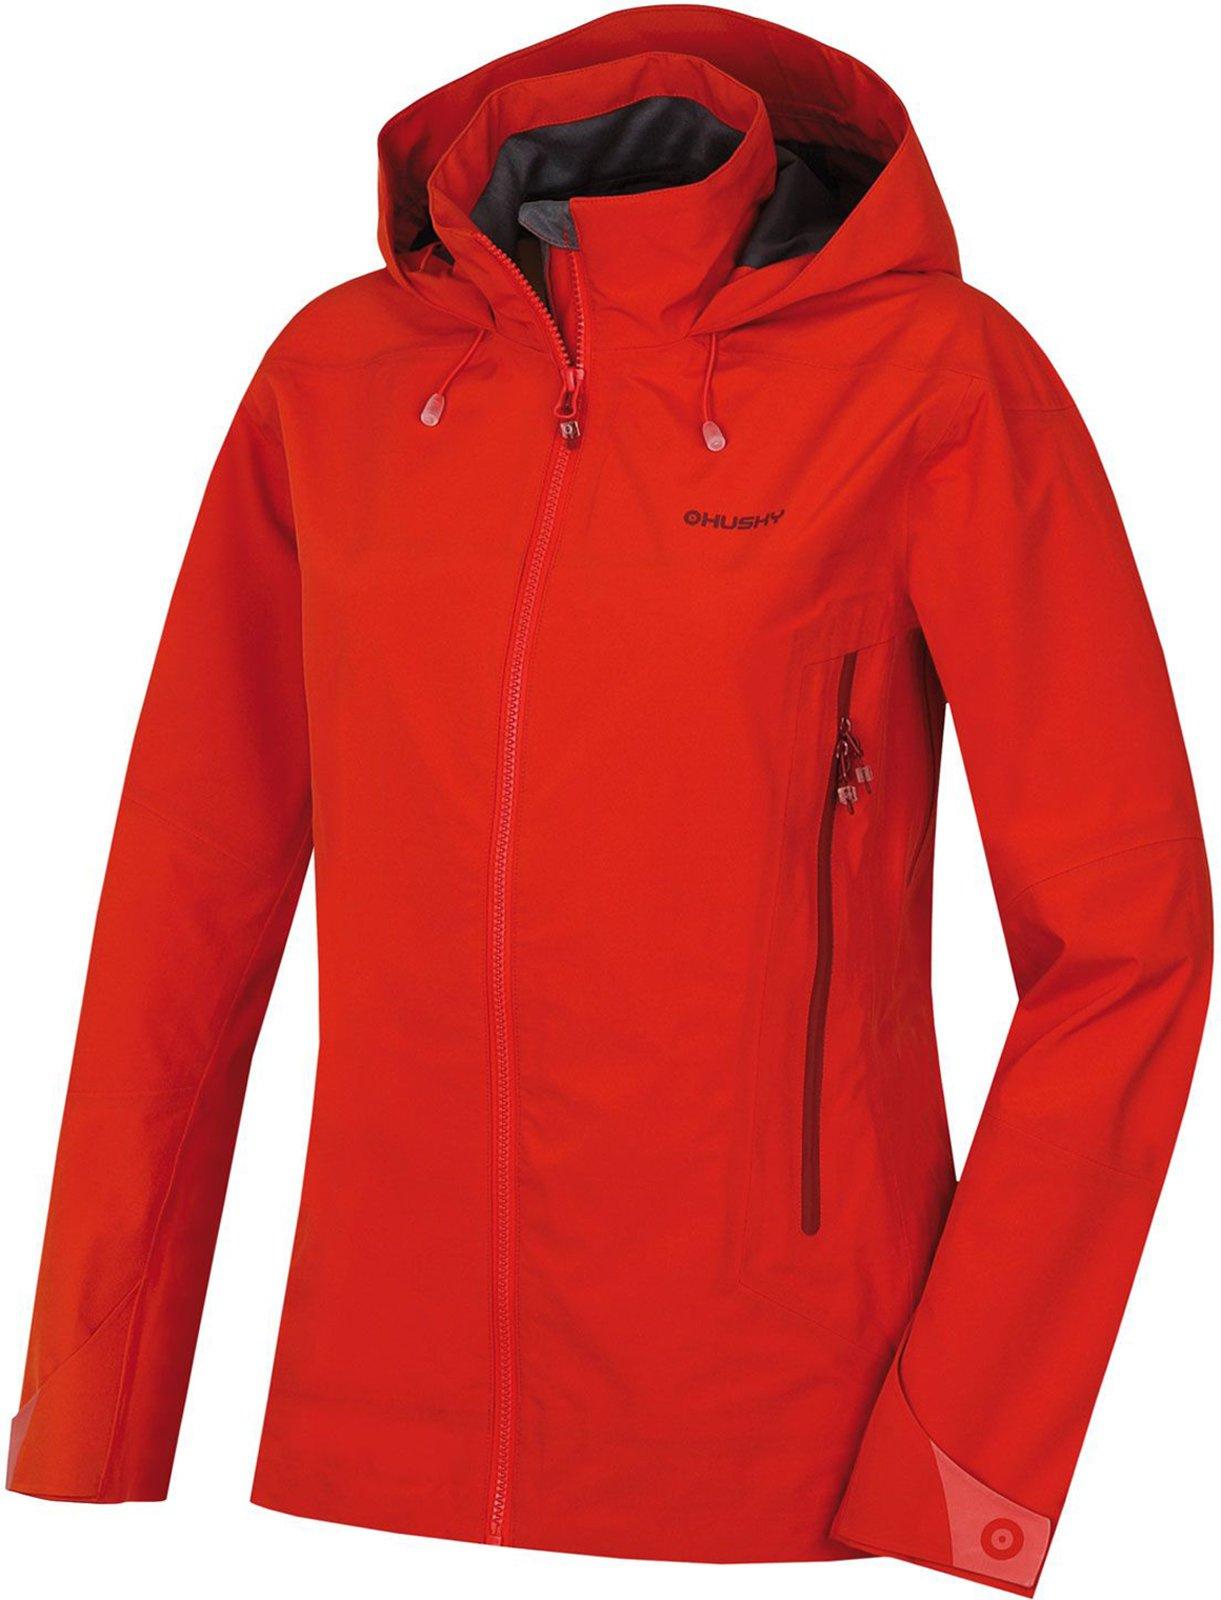 Husky Nakron L červená, XL Dámska outdoor bunda